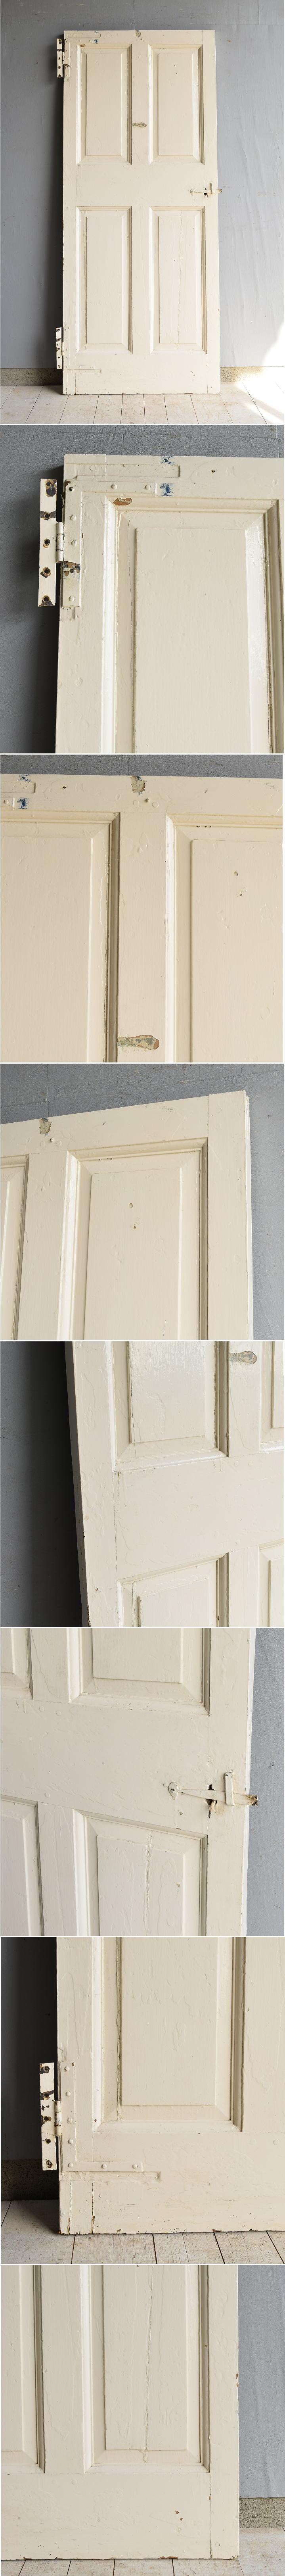 イギリス アンティーク 木製ドア 建具 7232